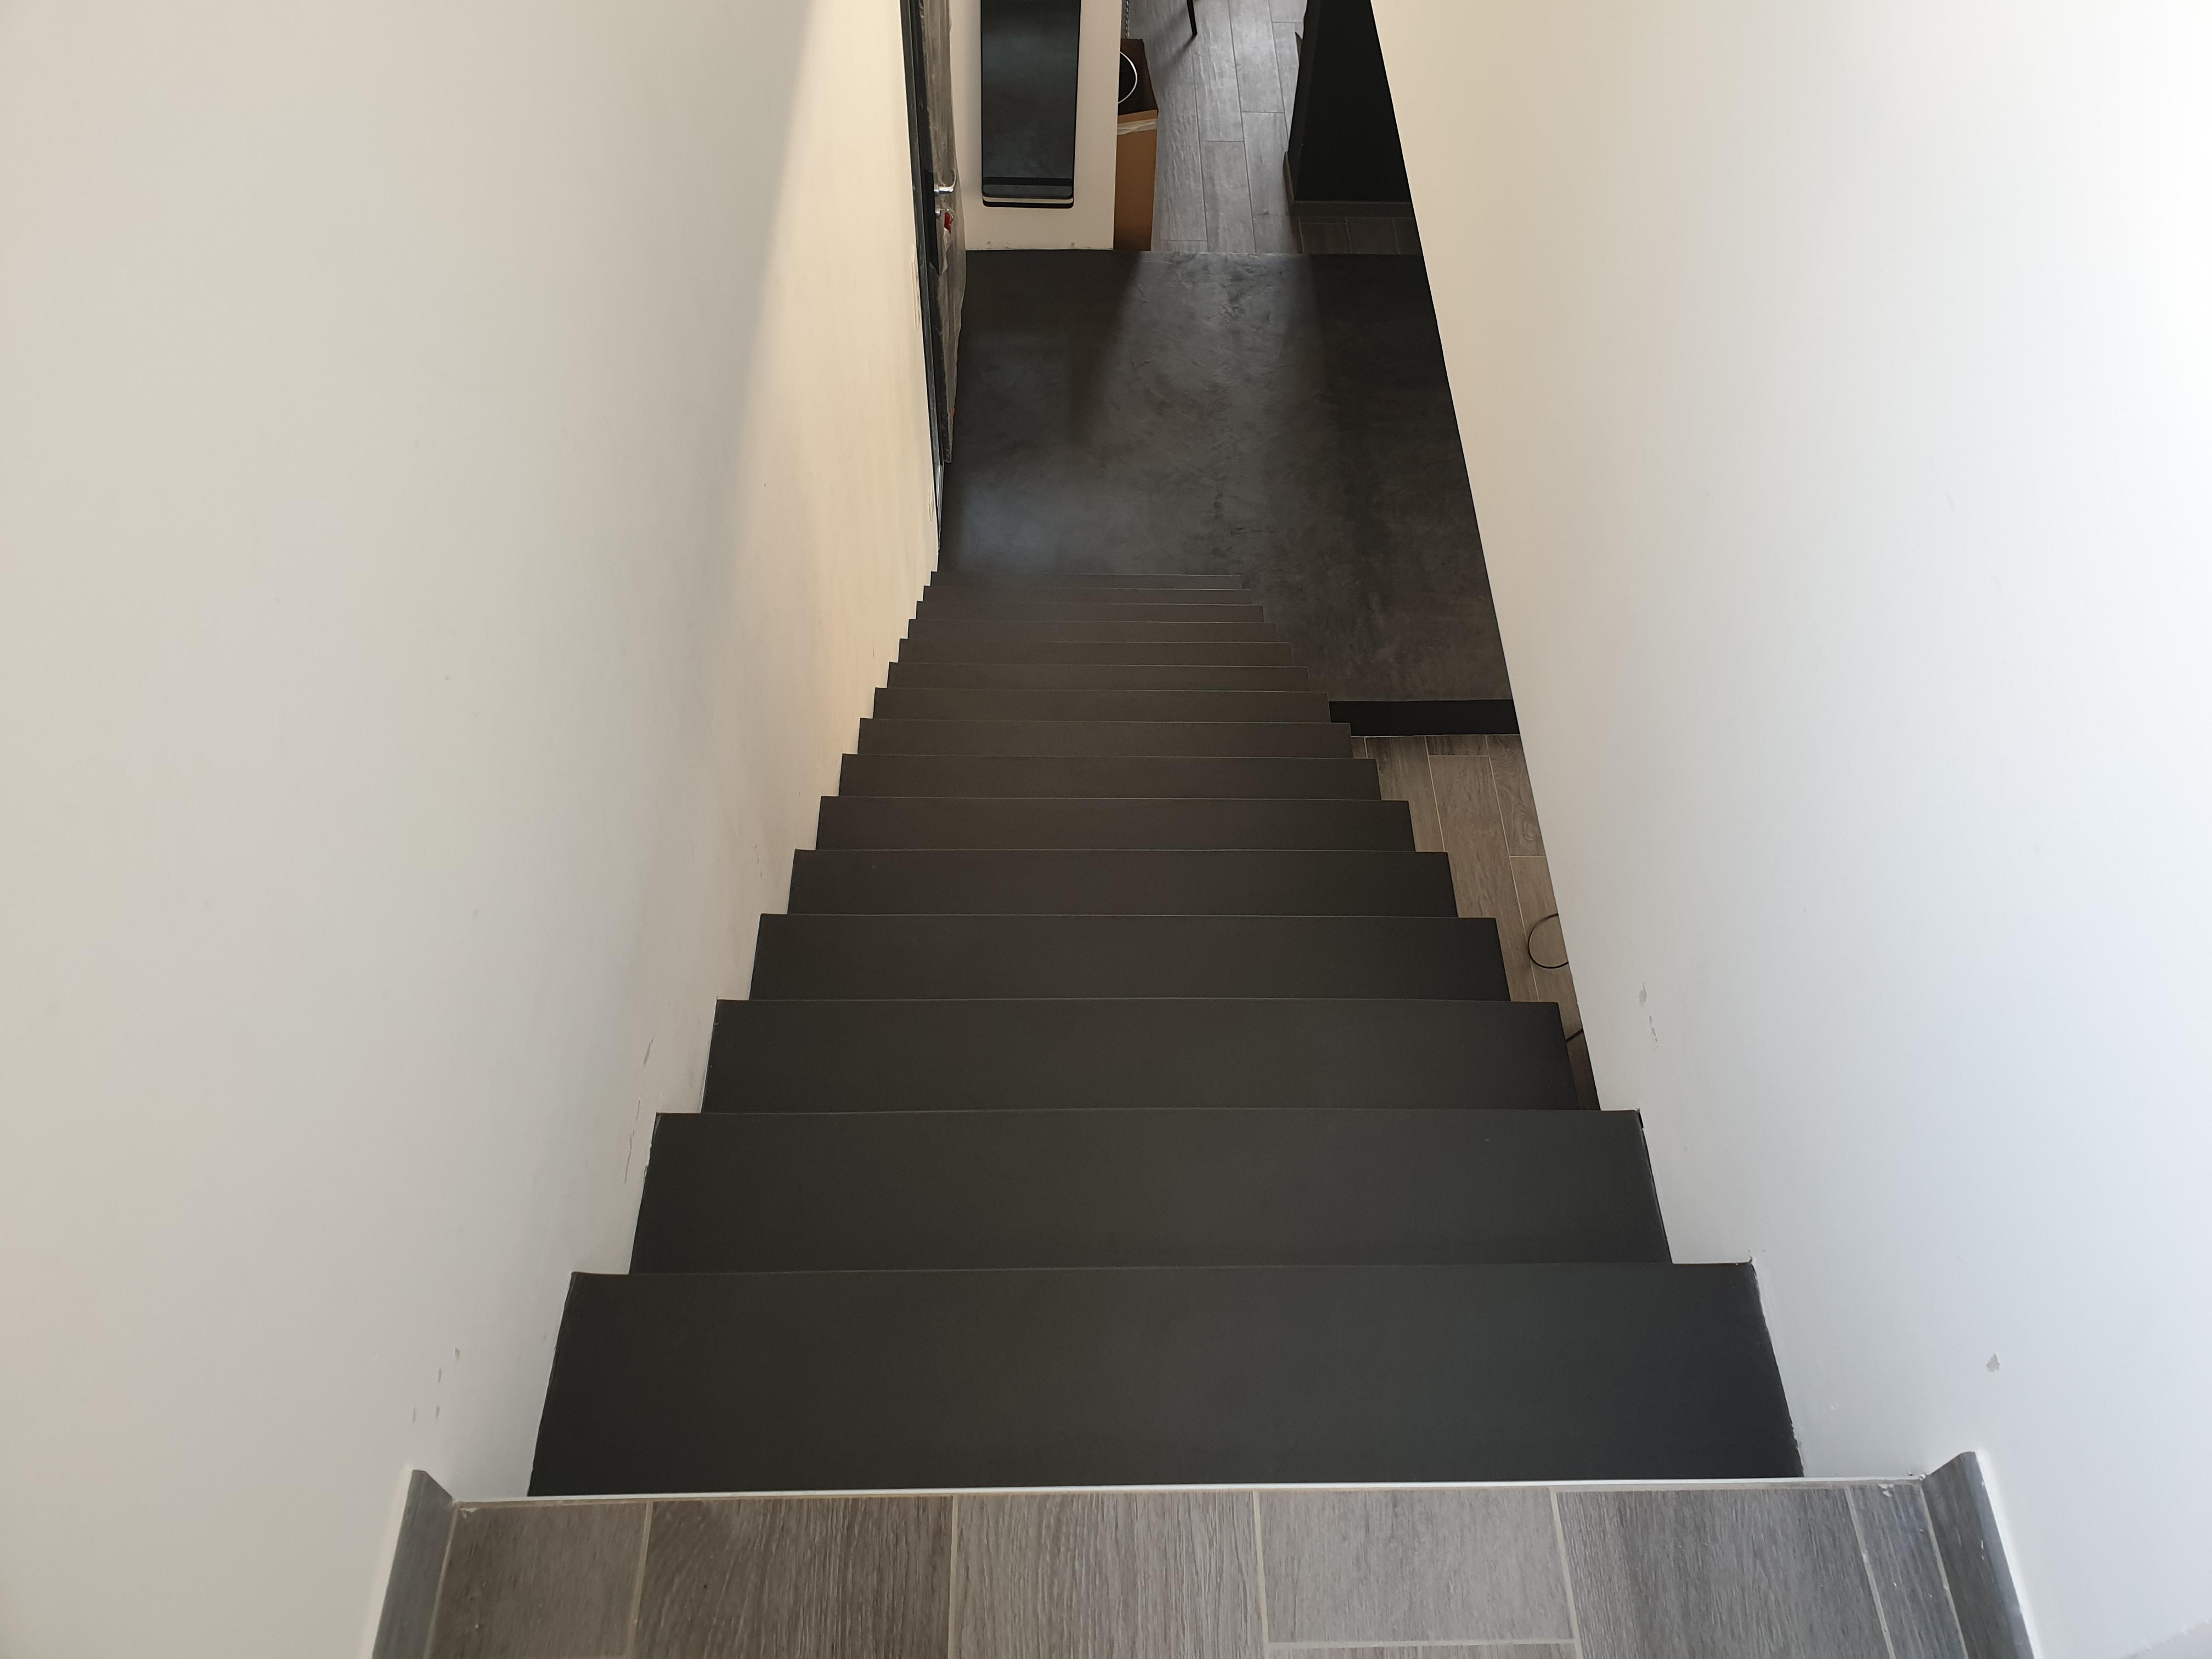 bel escalier crémaillère avec marche palière en béton ciré vernis mat couleur ardoise A saint cyr au mont d or pour un constructeur